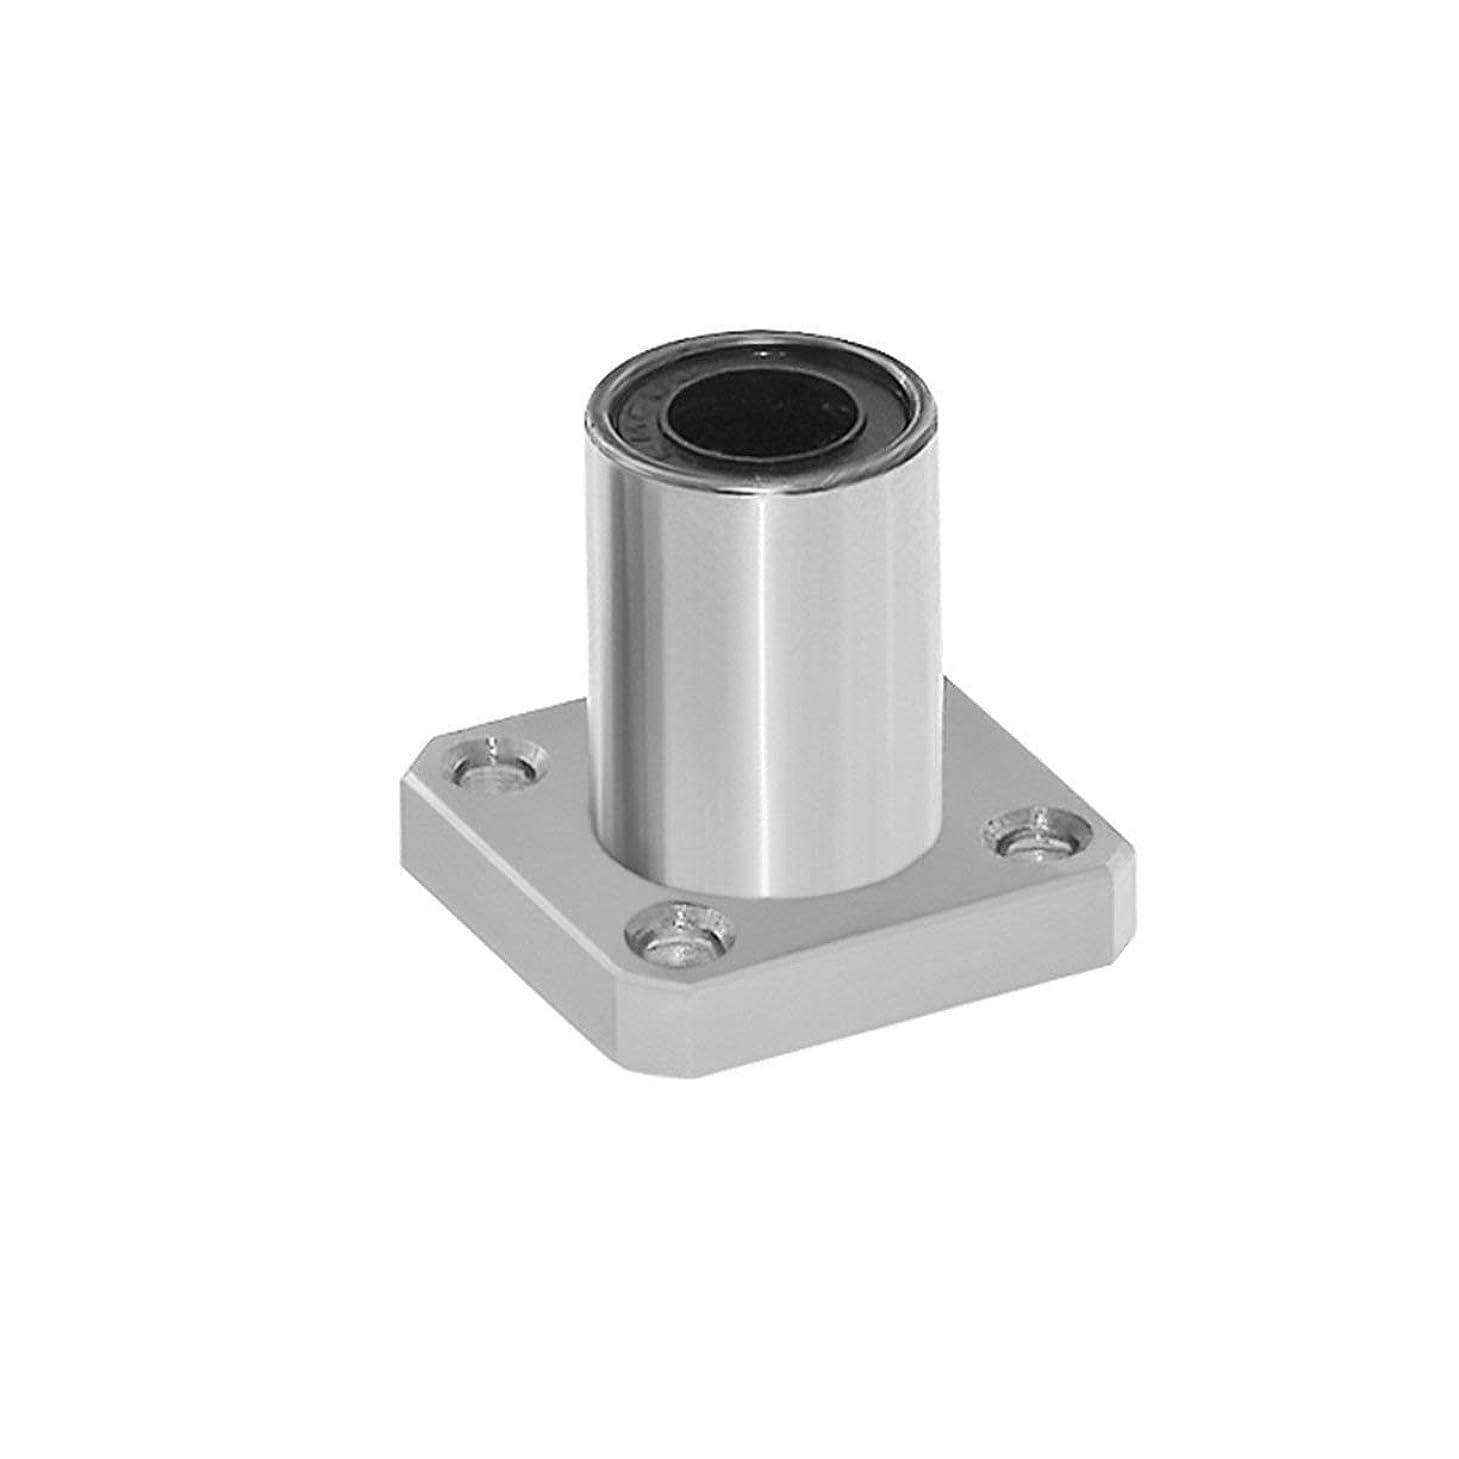 後エジプト落胆させる1ピースLMK6UU dr:6 mm角フランジ型リニアベアリングブッシュ、3Dプリンタ用リニアロッドスティック電動工具CNC部品 - シルバー